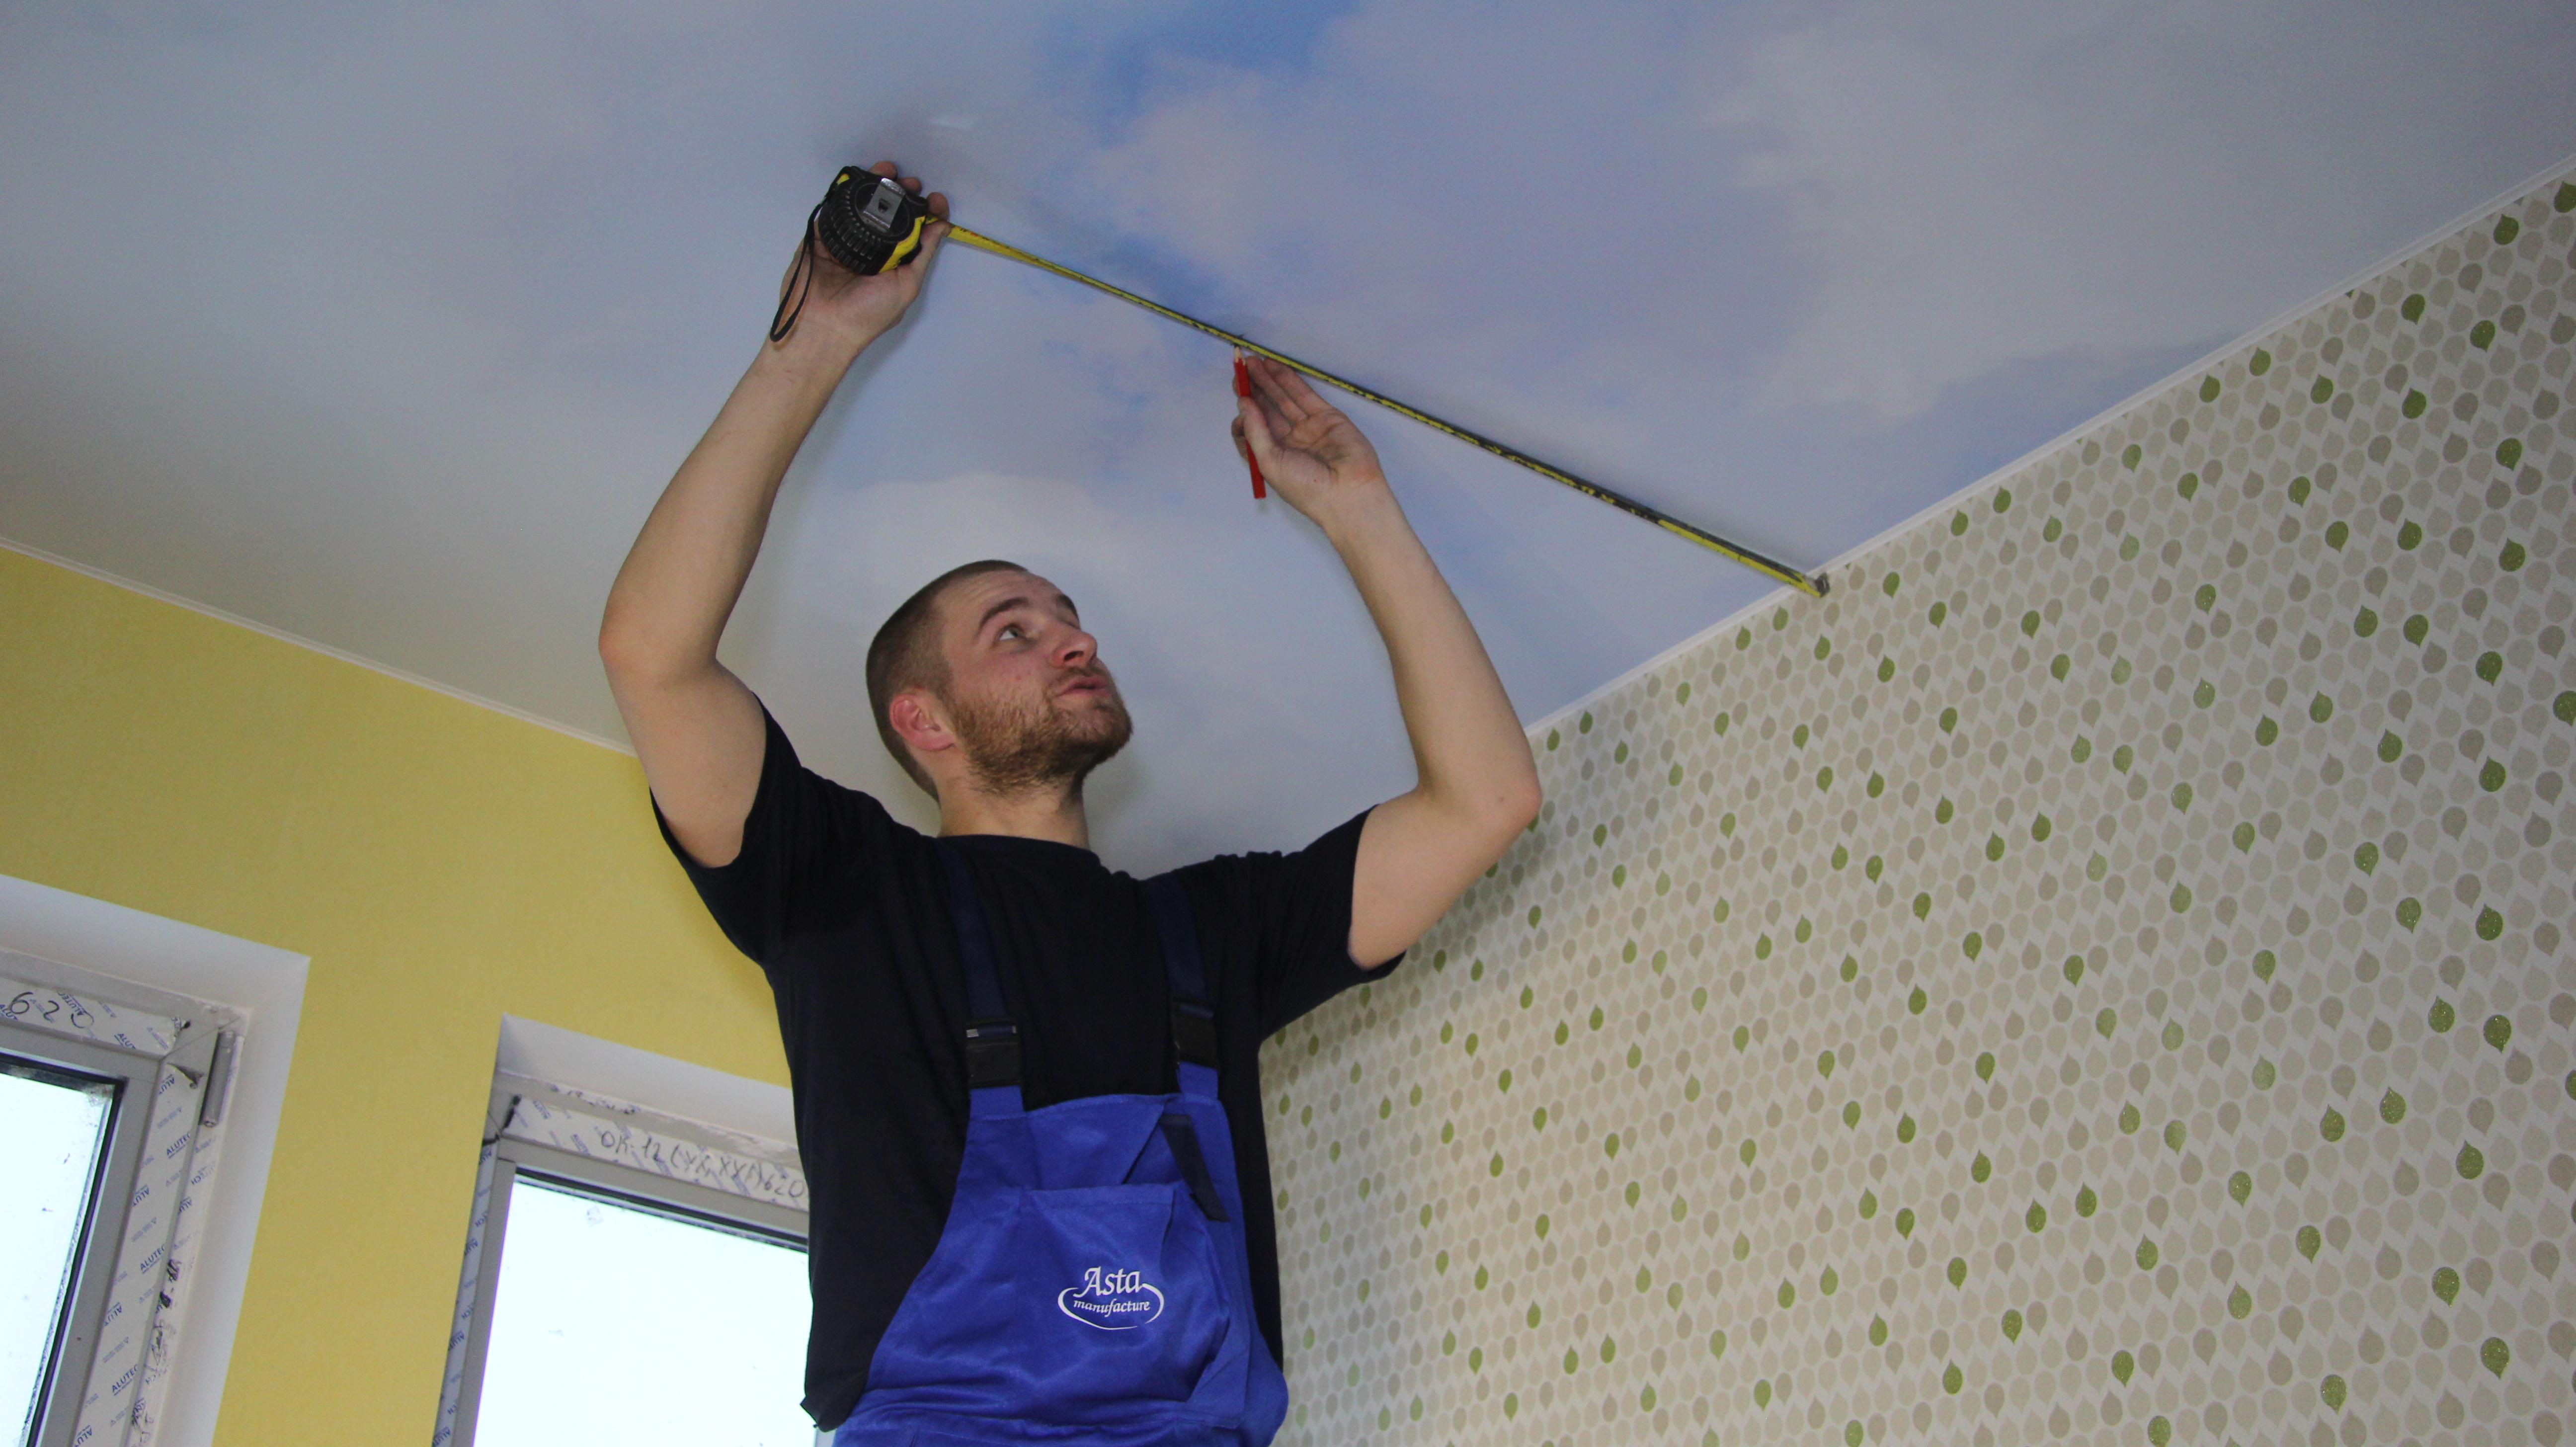 Можно ли делать натяжной потолок в уже готовой квартире?